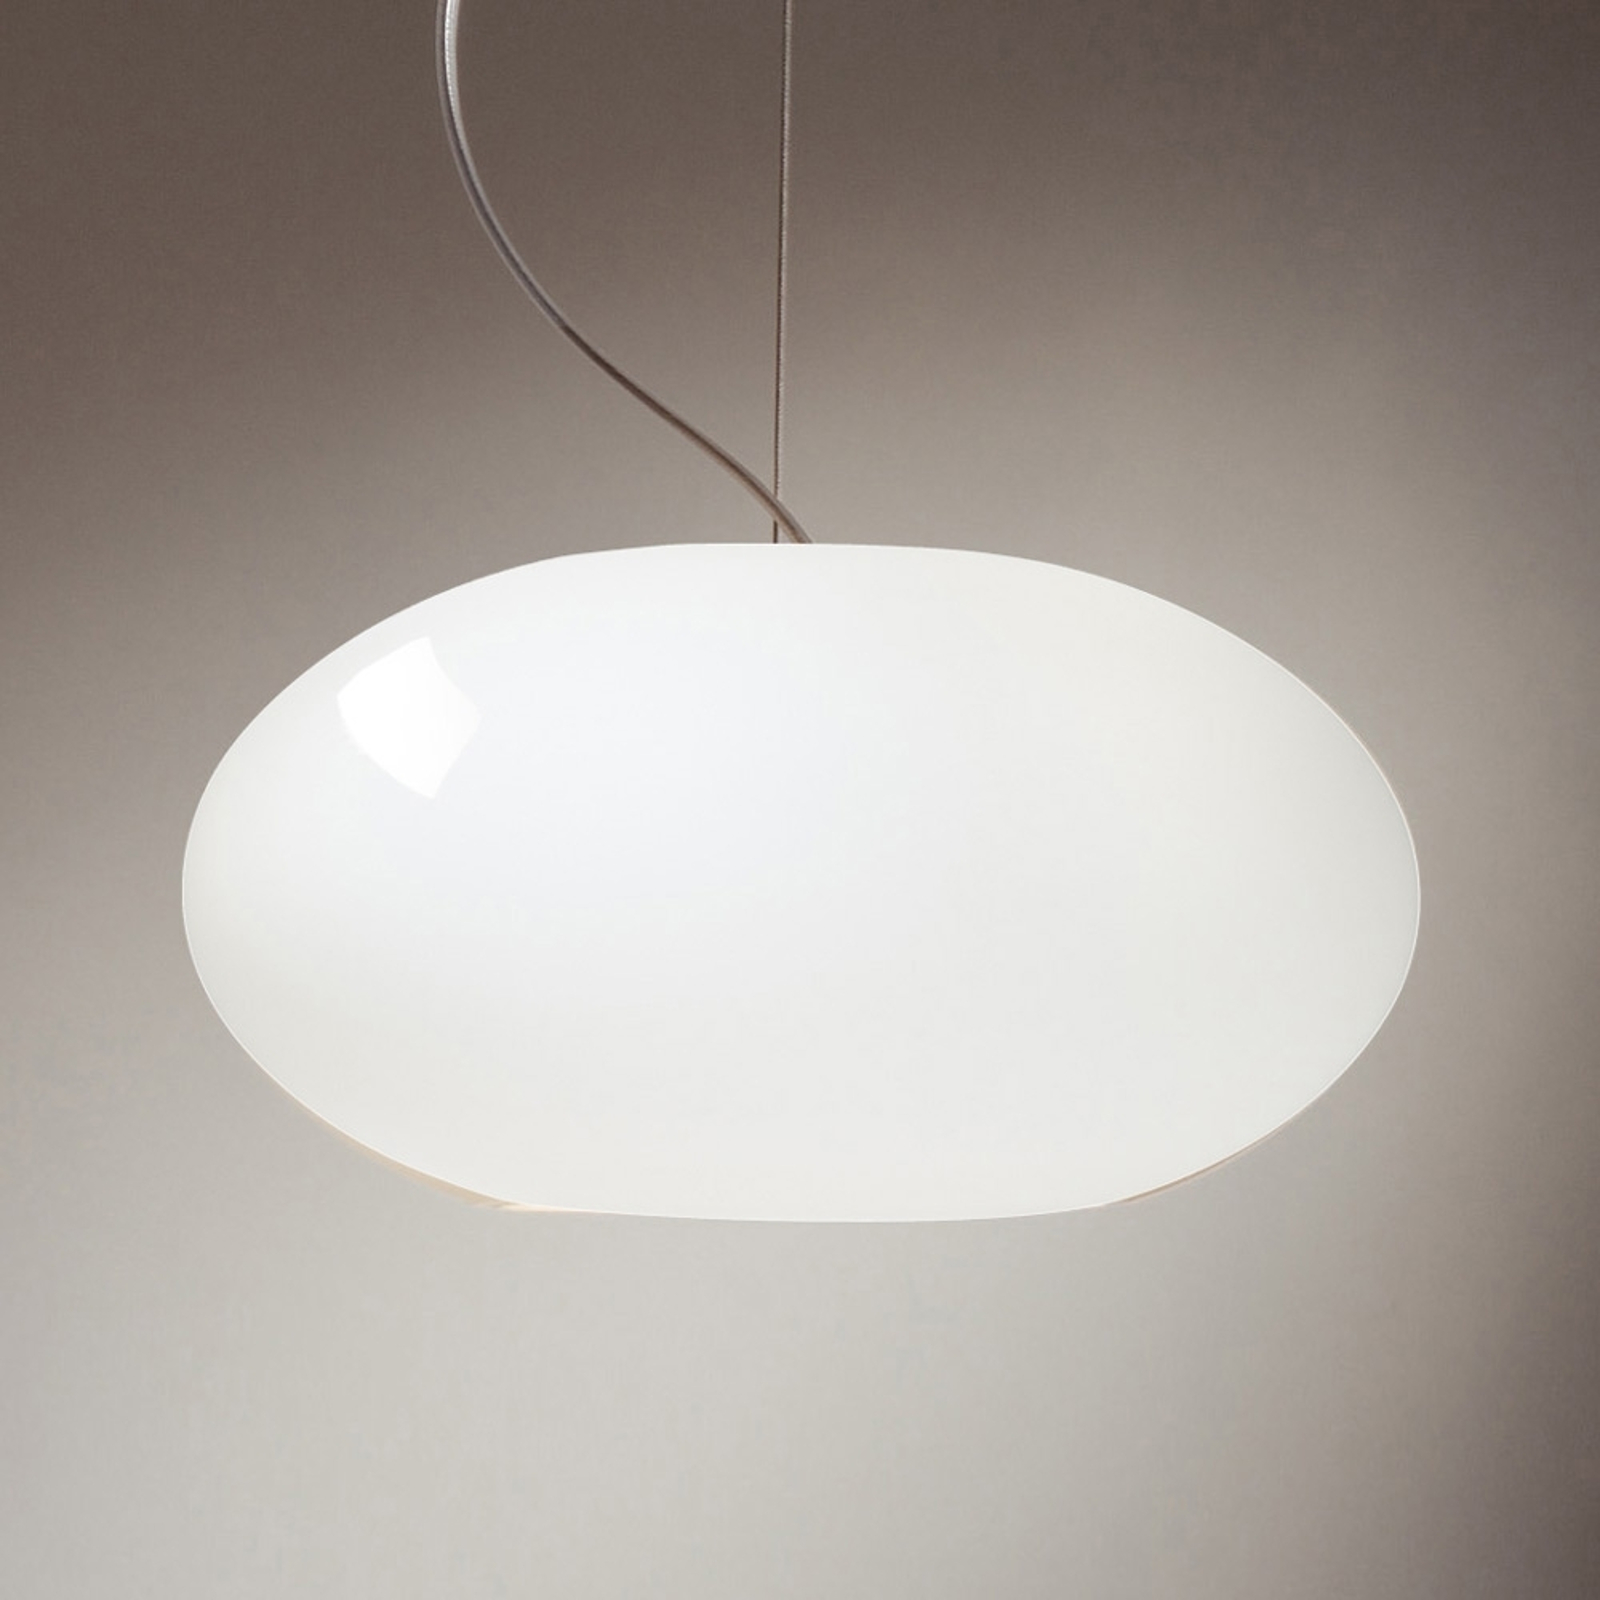 Puristisk hänglampa AIH, 19 cm, glänsande vit